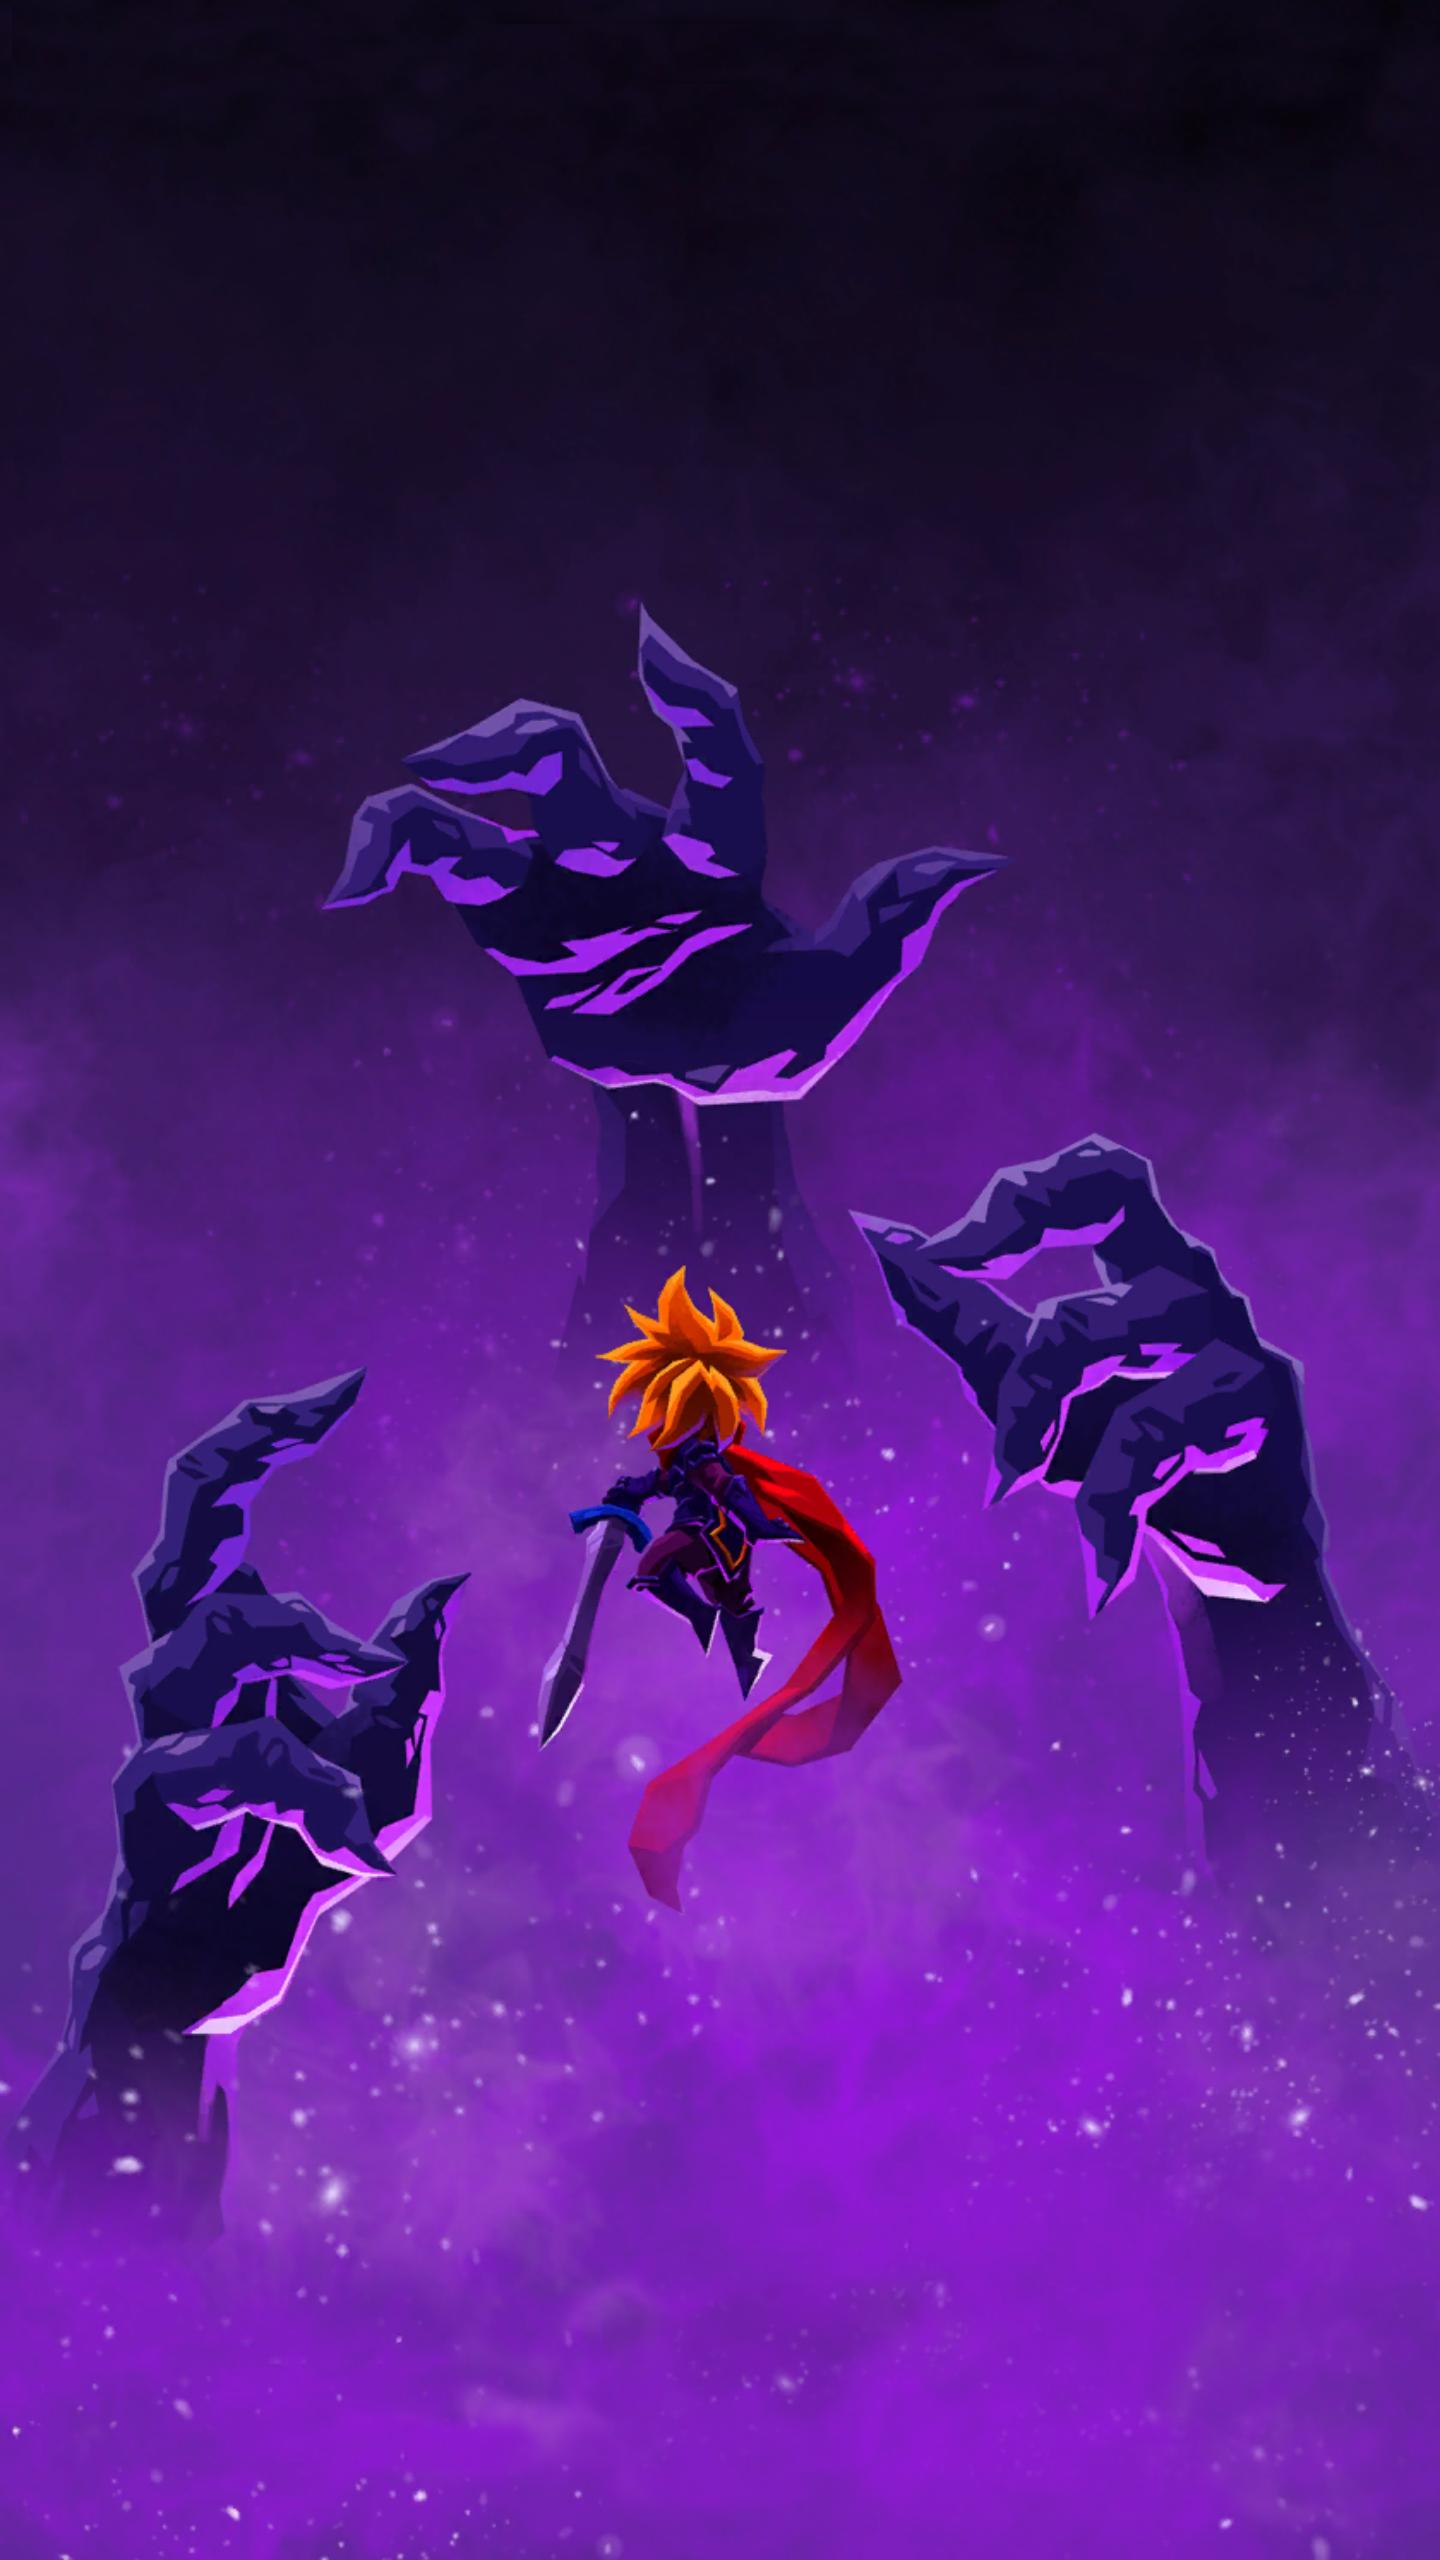 デスクトップ壁紙 ゲームアート 紫色の背景 1440x2560 Thearisen デスクトップ壁紙 Wallhere